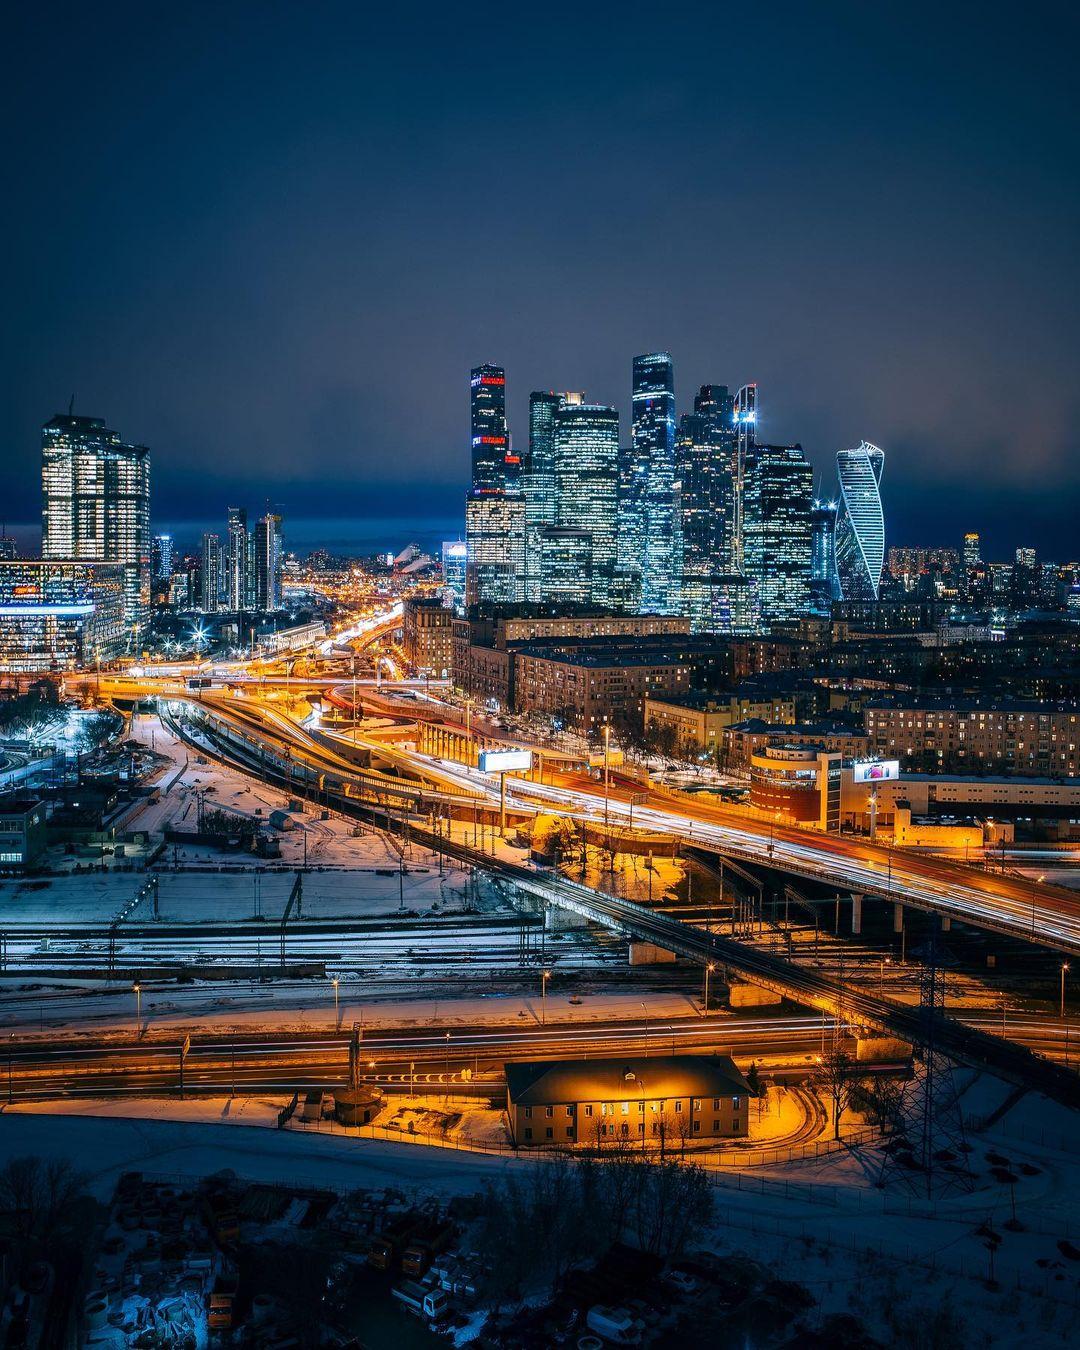 Архитектура и пейзажи Москвы на снимках Ильи Воробьева